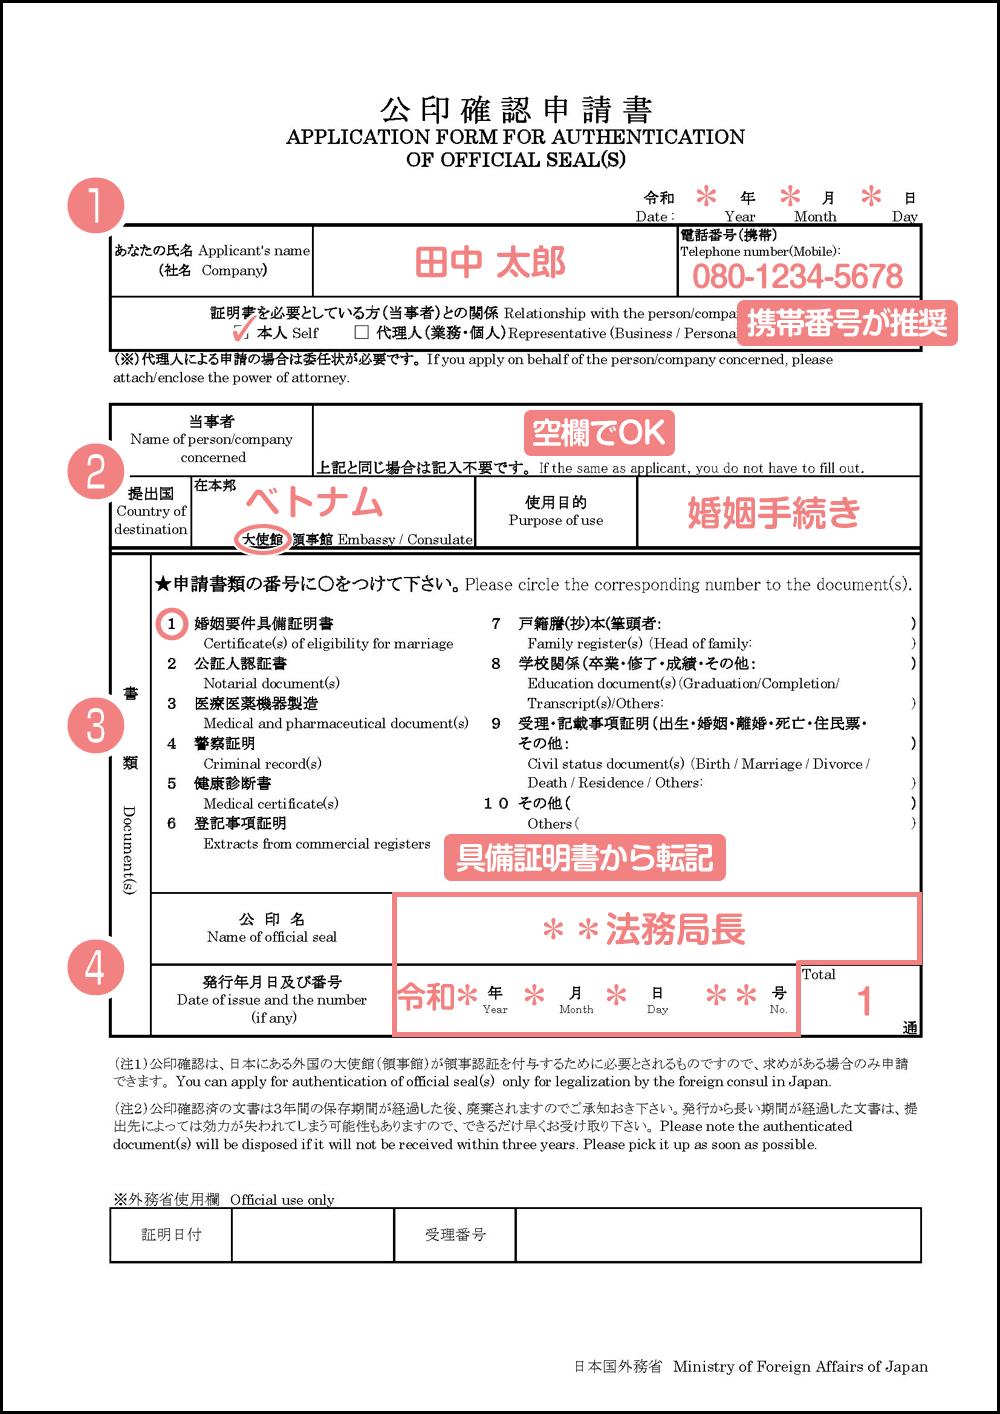 公印確認申請書の書き方と記入例